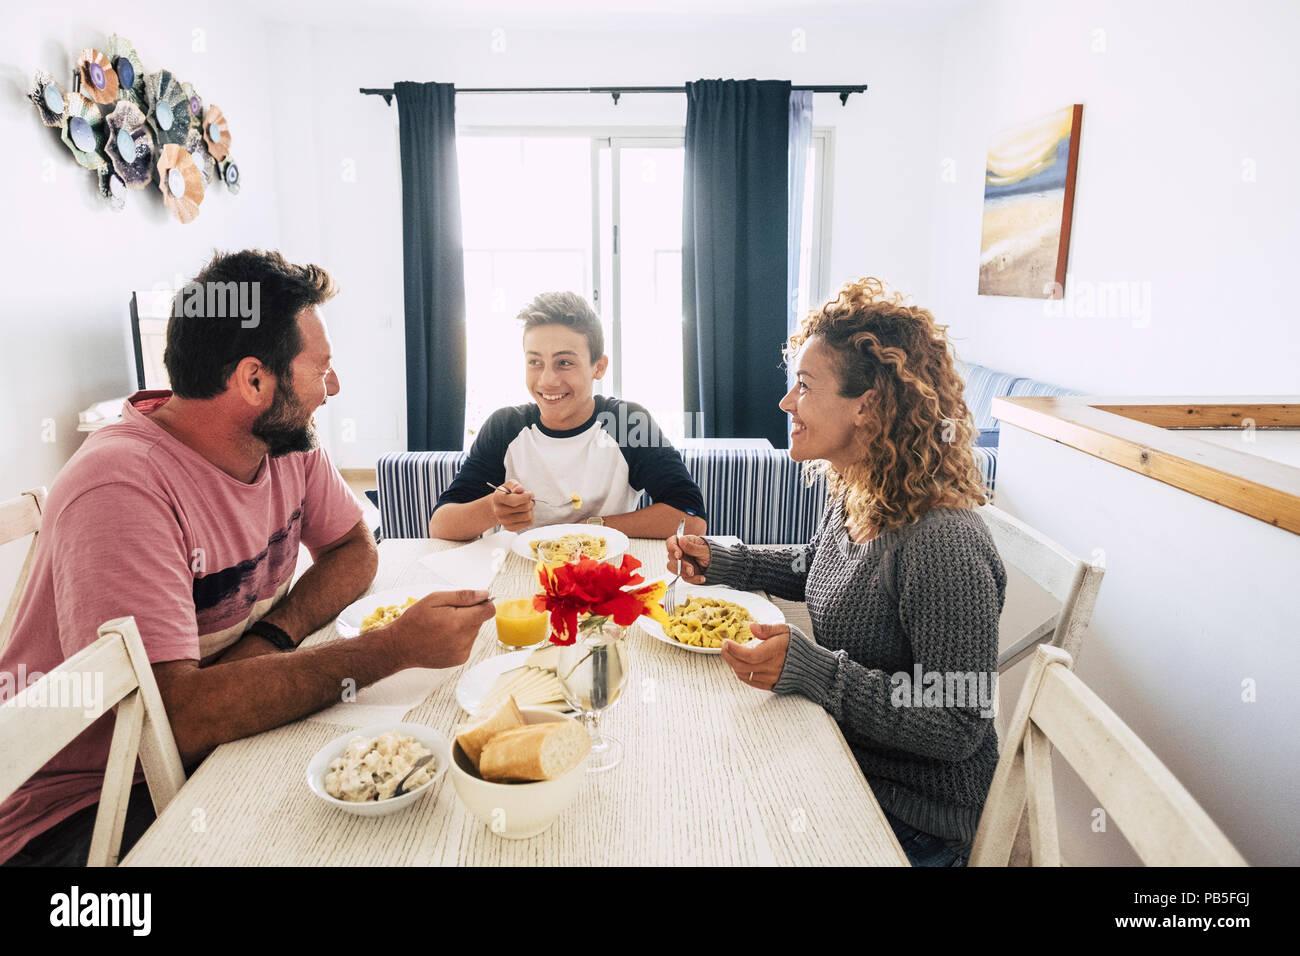 Glücklich und freundlich kaukasischen Familie gemeinsamen Mittagessen zu Hause. weiße Wand und ein helles Bild. Genießen Sie gemeinsam den Tag lächelnd und mit Liebe ein Stockfoto